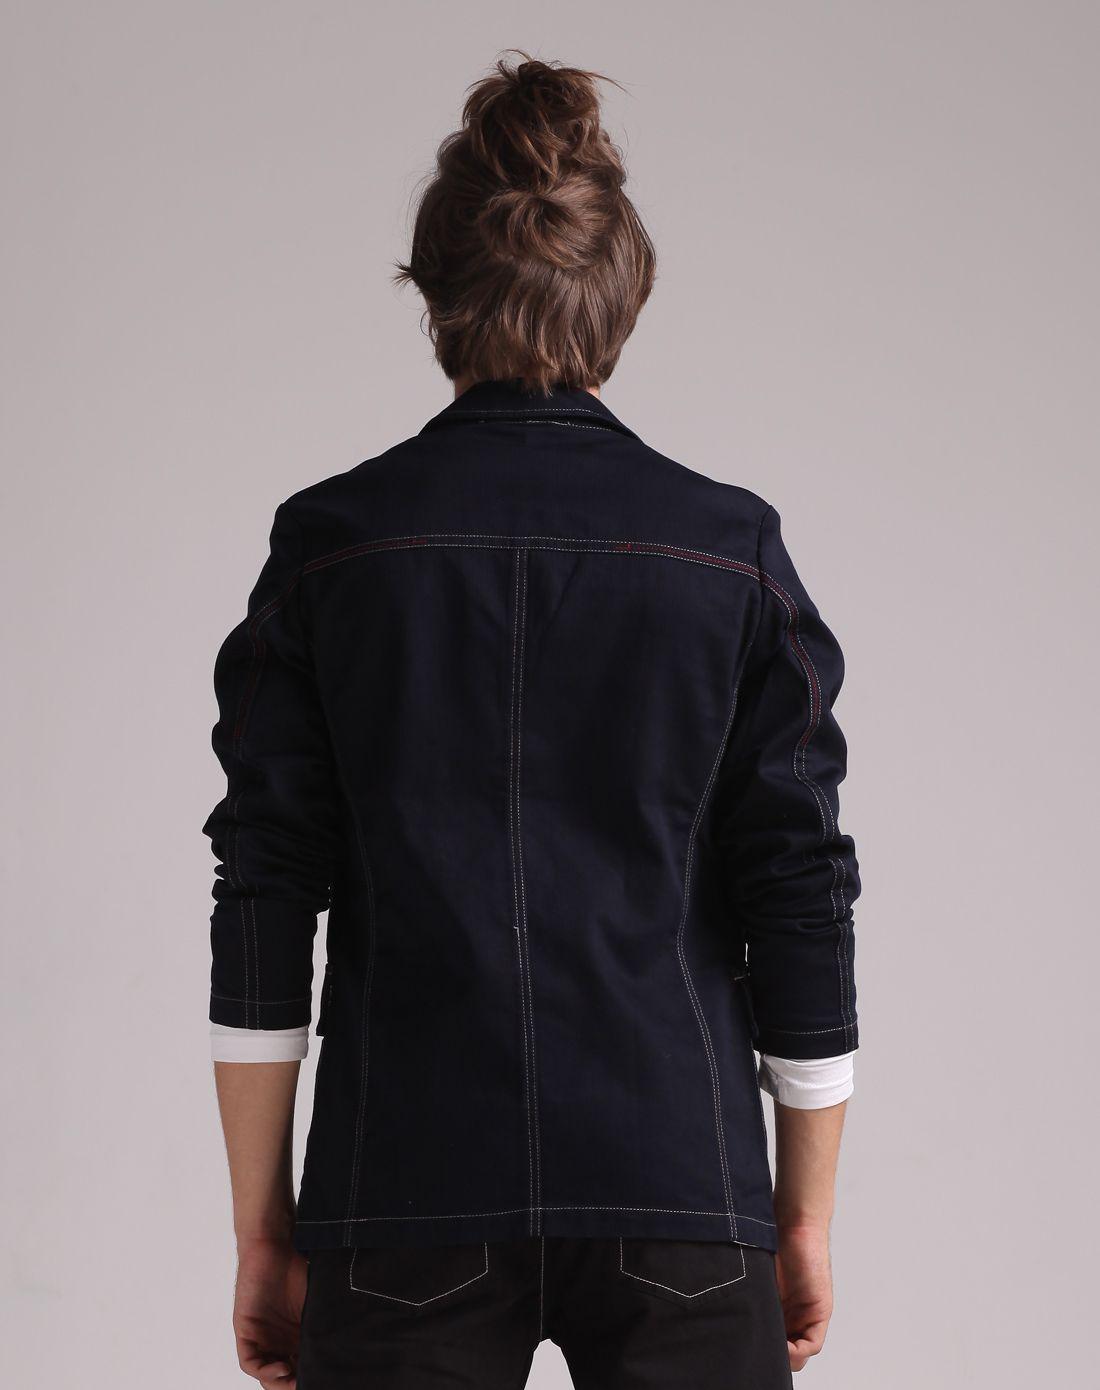 时尚长袖休闲西服外套